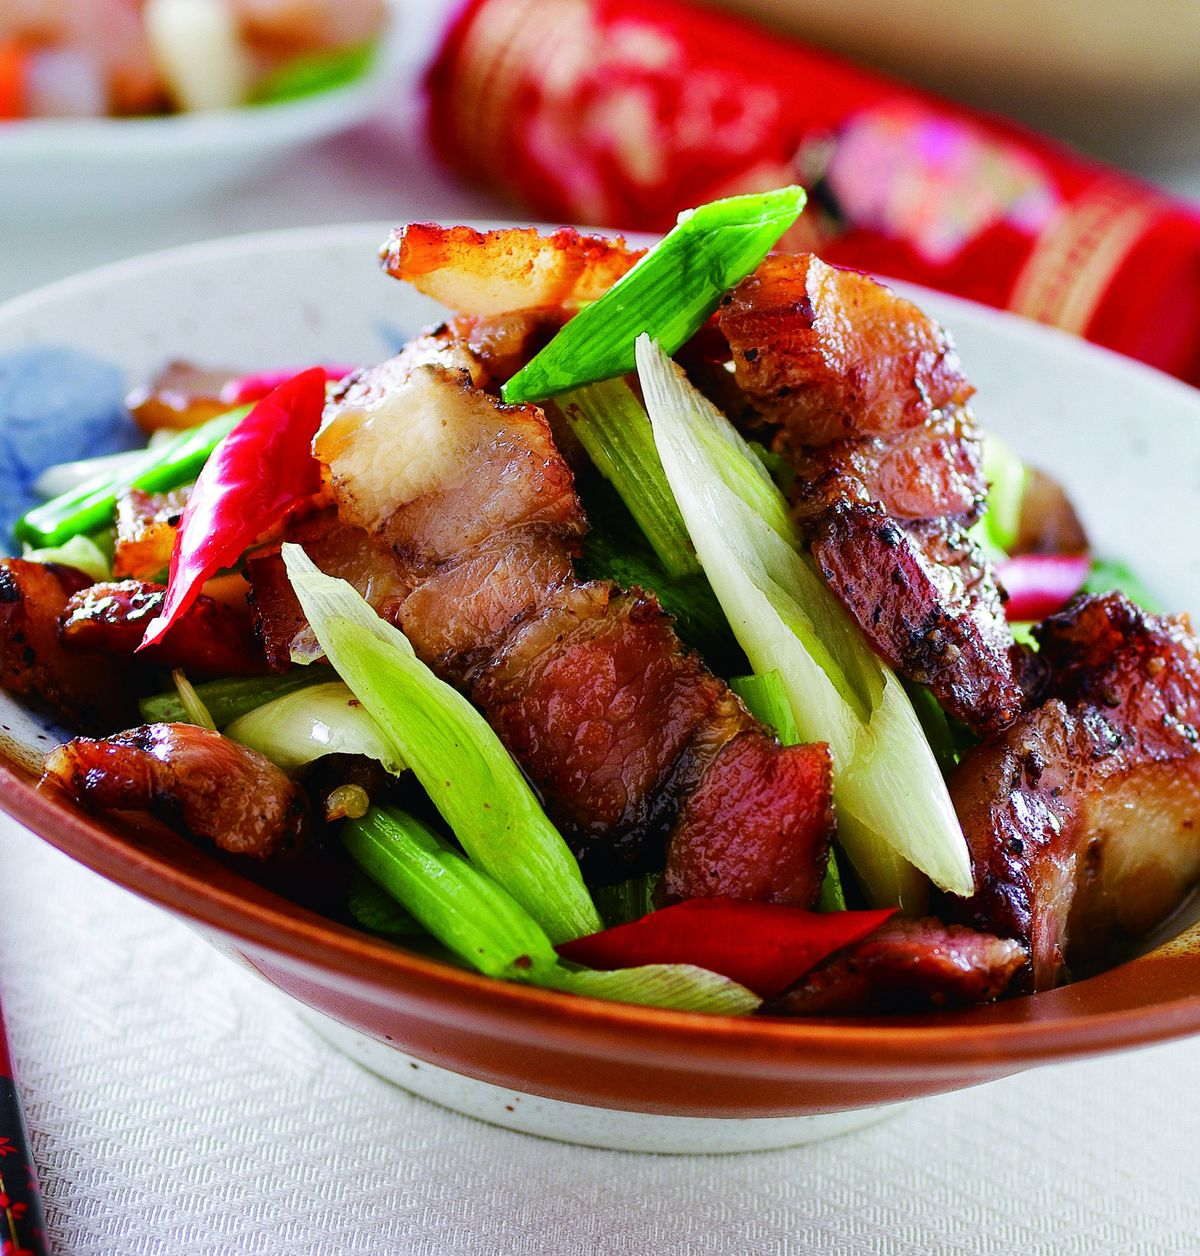 食譜:蒜苗芹菜炒鹹肉